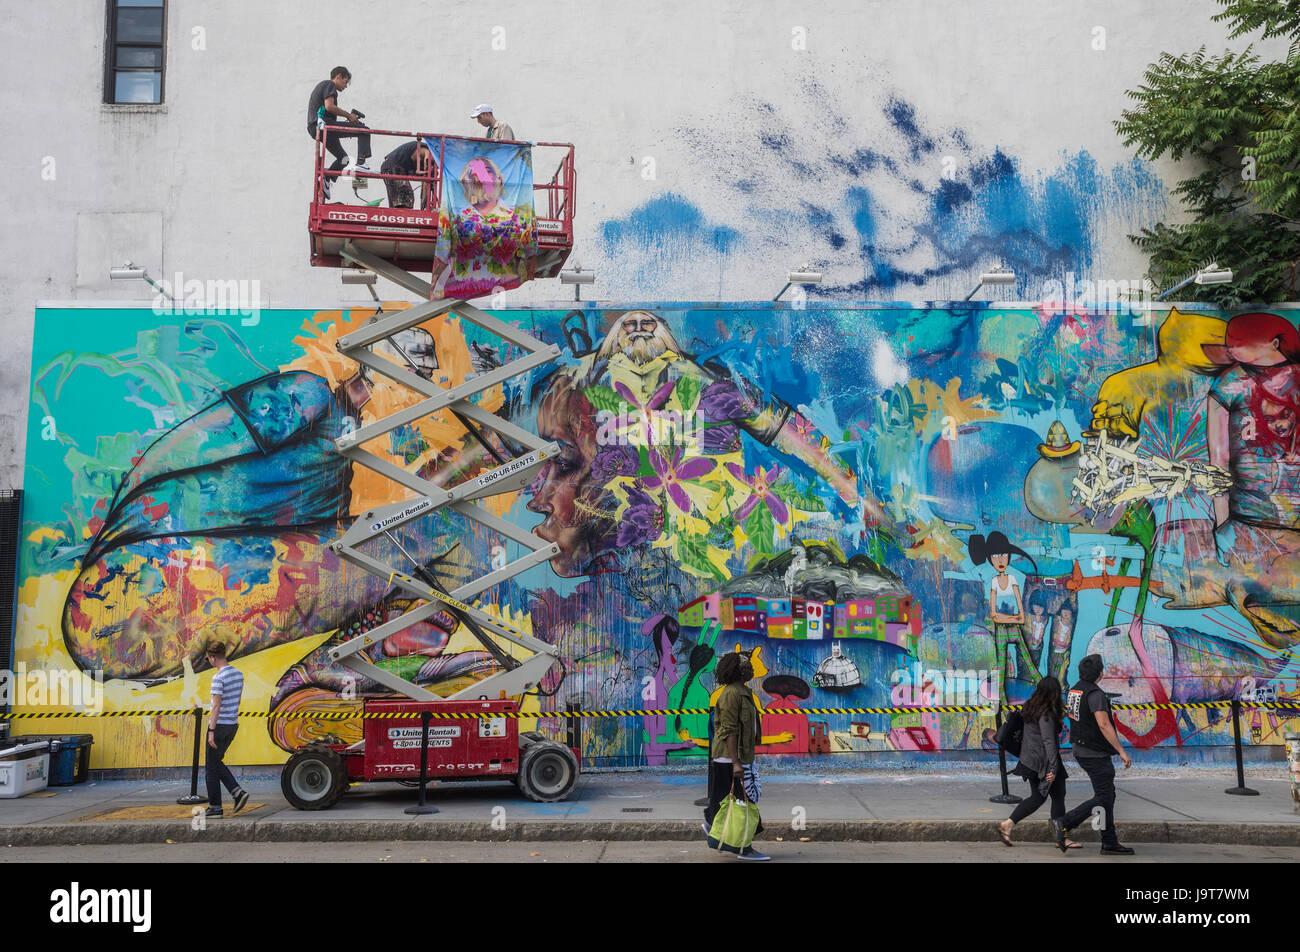 New York, NY 2 Juin 2016 - L'artiste américain David Choe Corée prend ta pause de la peinture pour Photo Stock